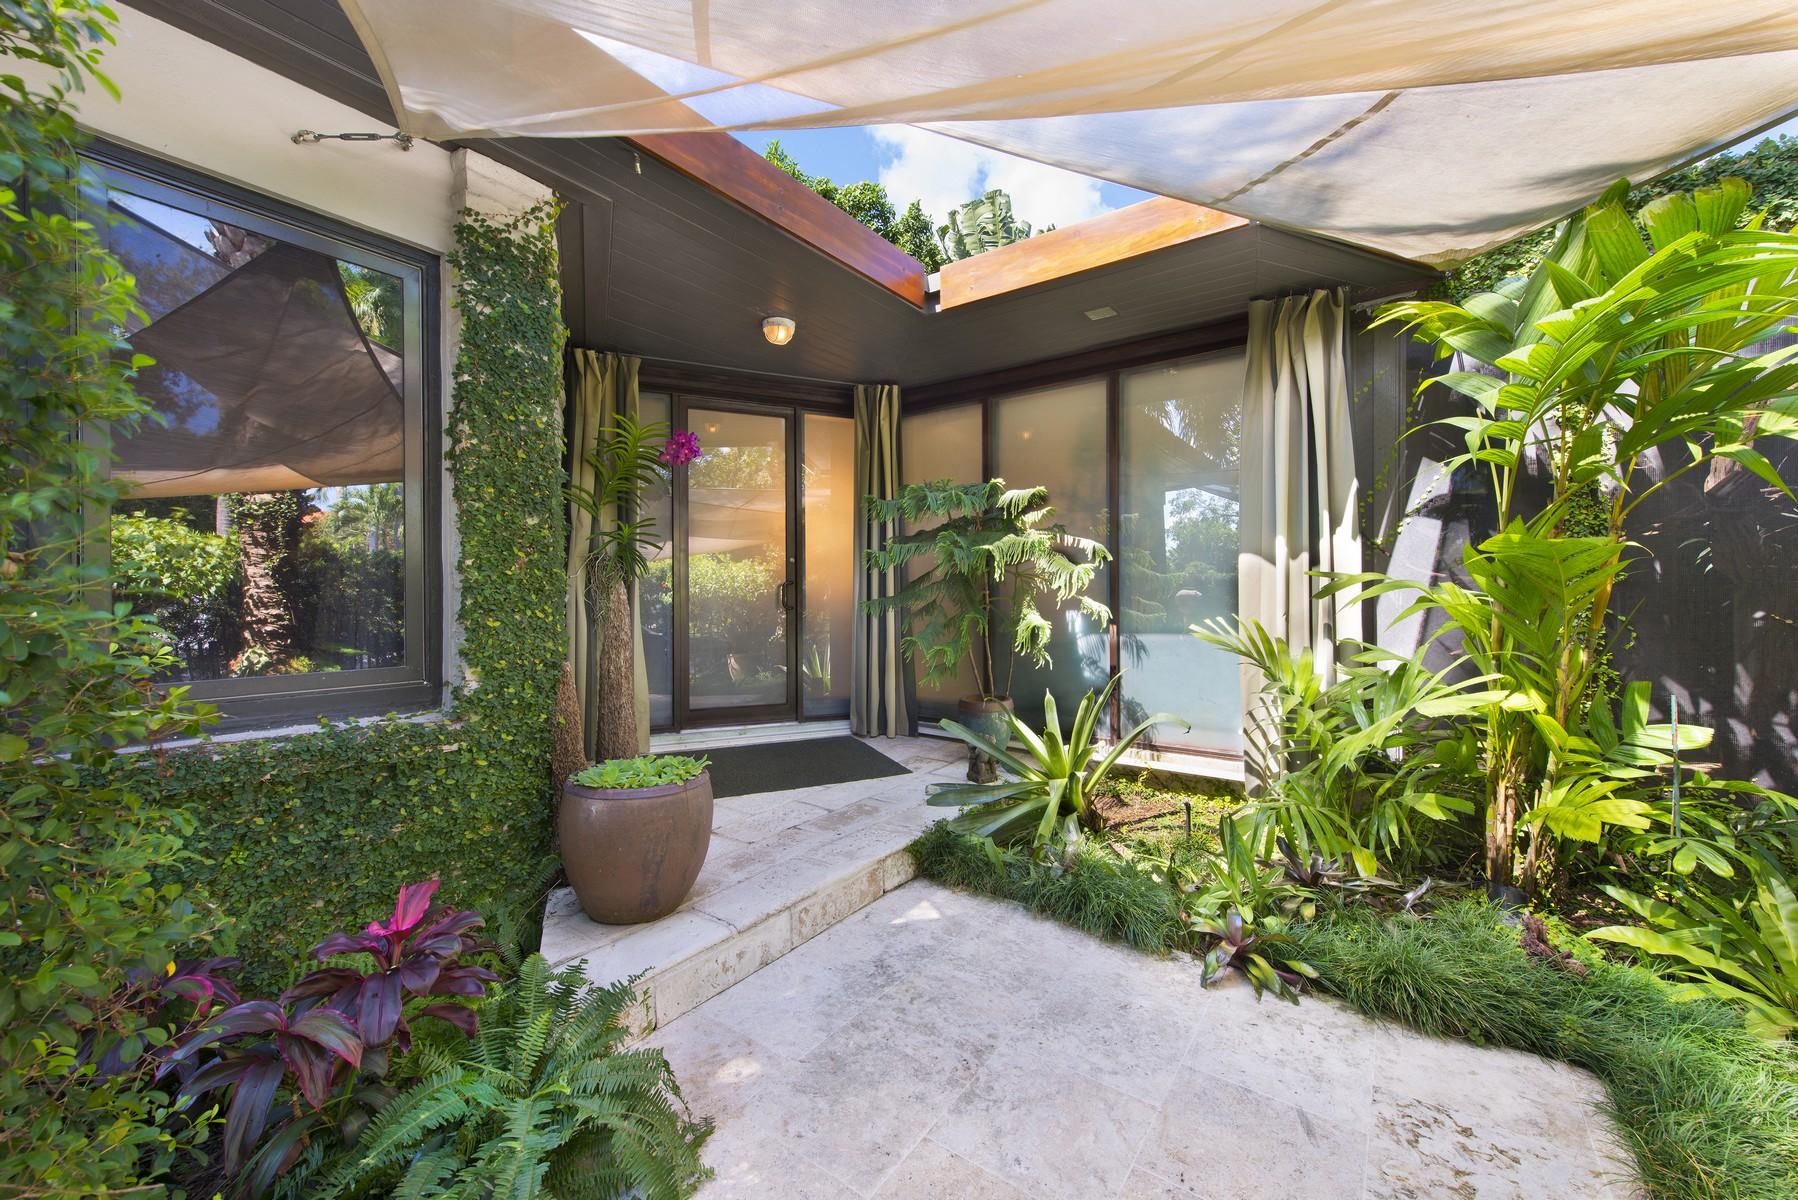 Villa per Vendita alle ore 200 E Rivo Alto Dr Miami Beach, Florida, 33139 Stati Uniti